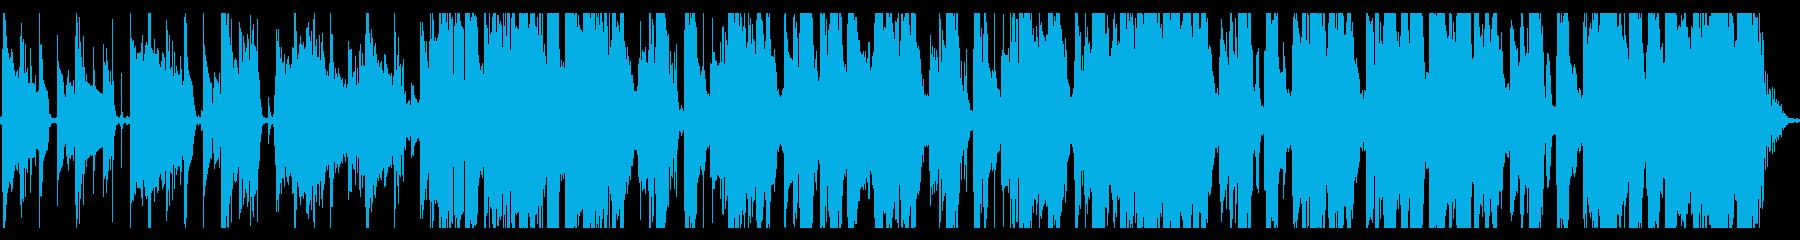 ファンク アクティブ 明るい エピ...の再生済みの波形